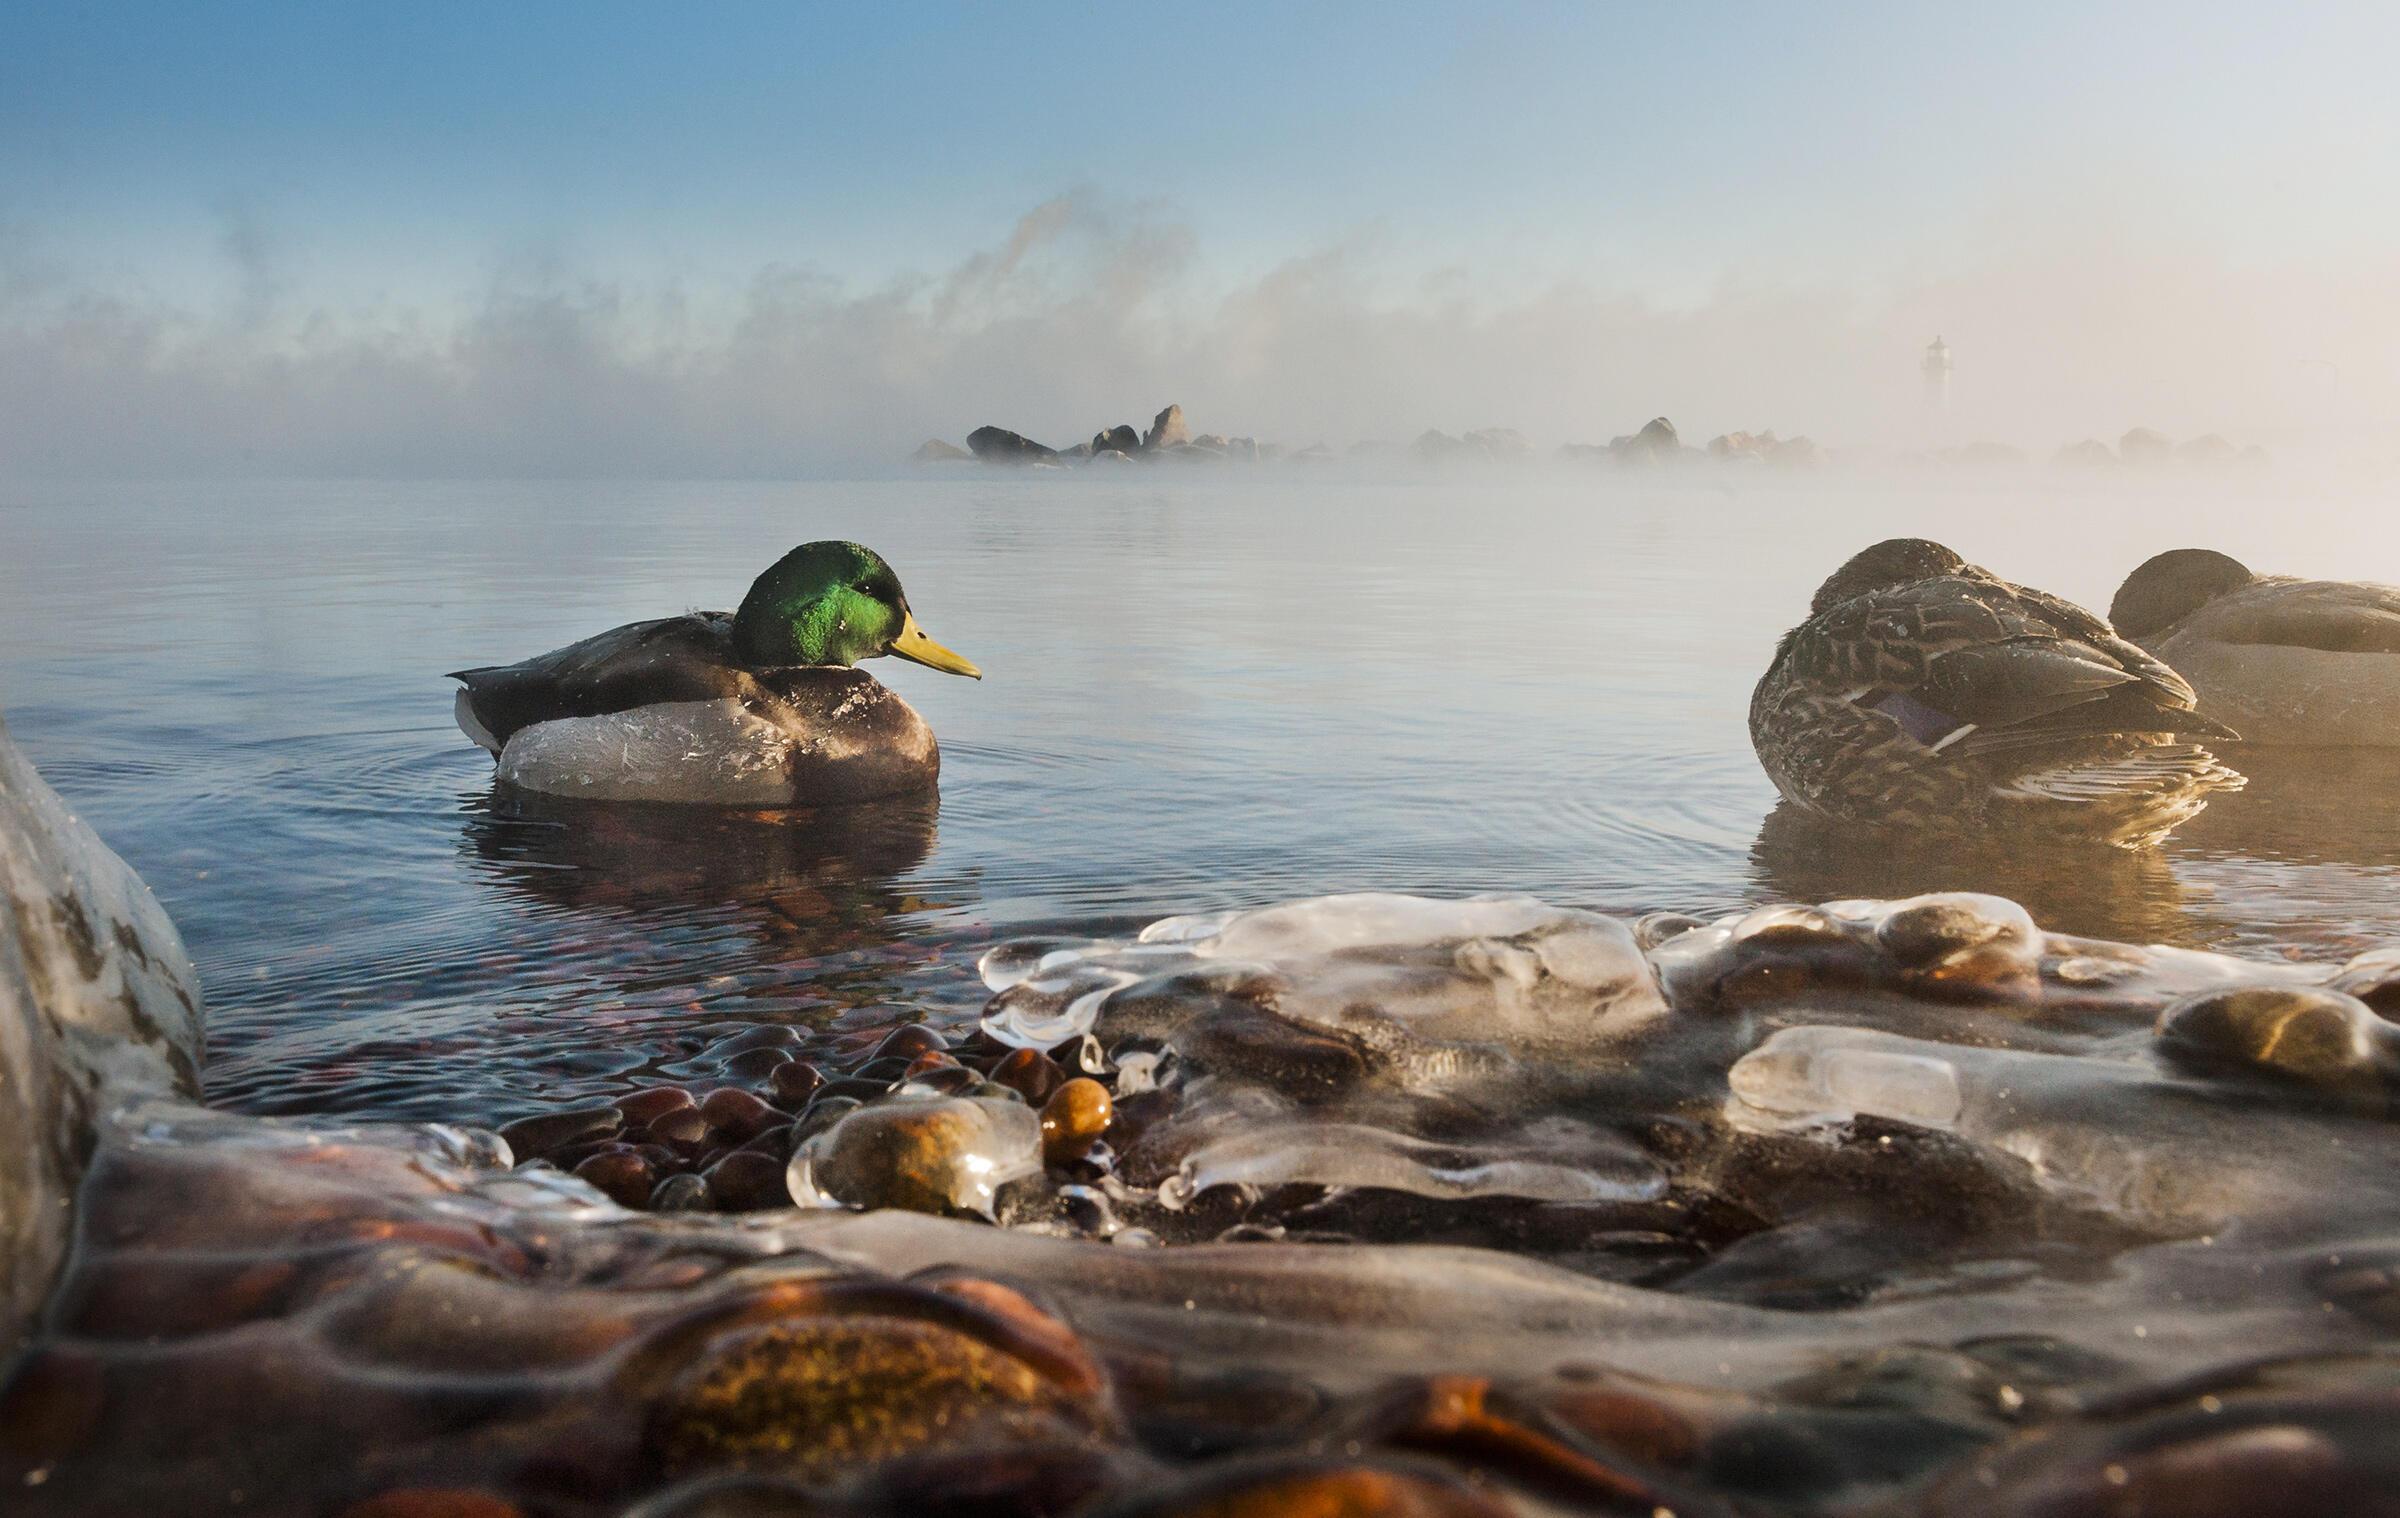 Canal Park, Duluth, MN. Alex Messenger/Tandemstock.com